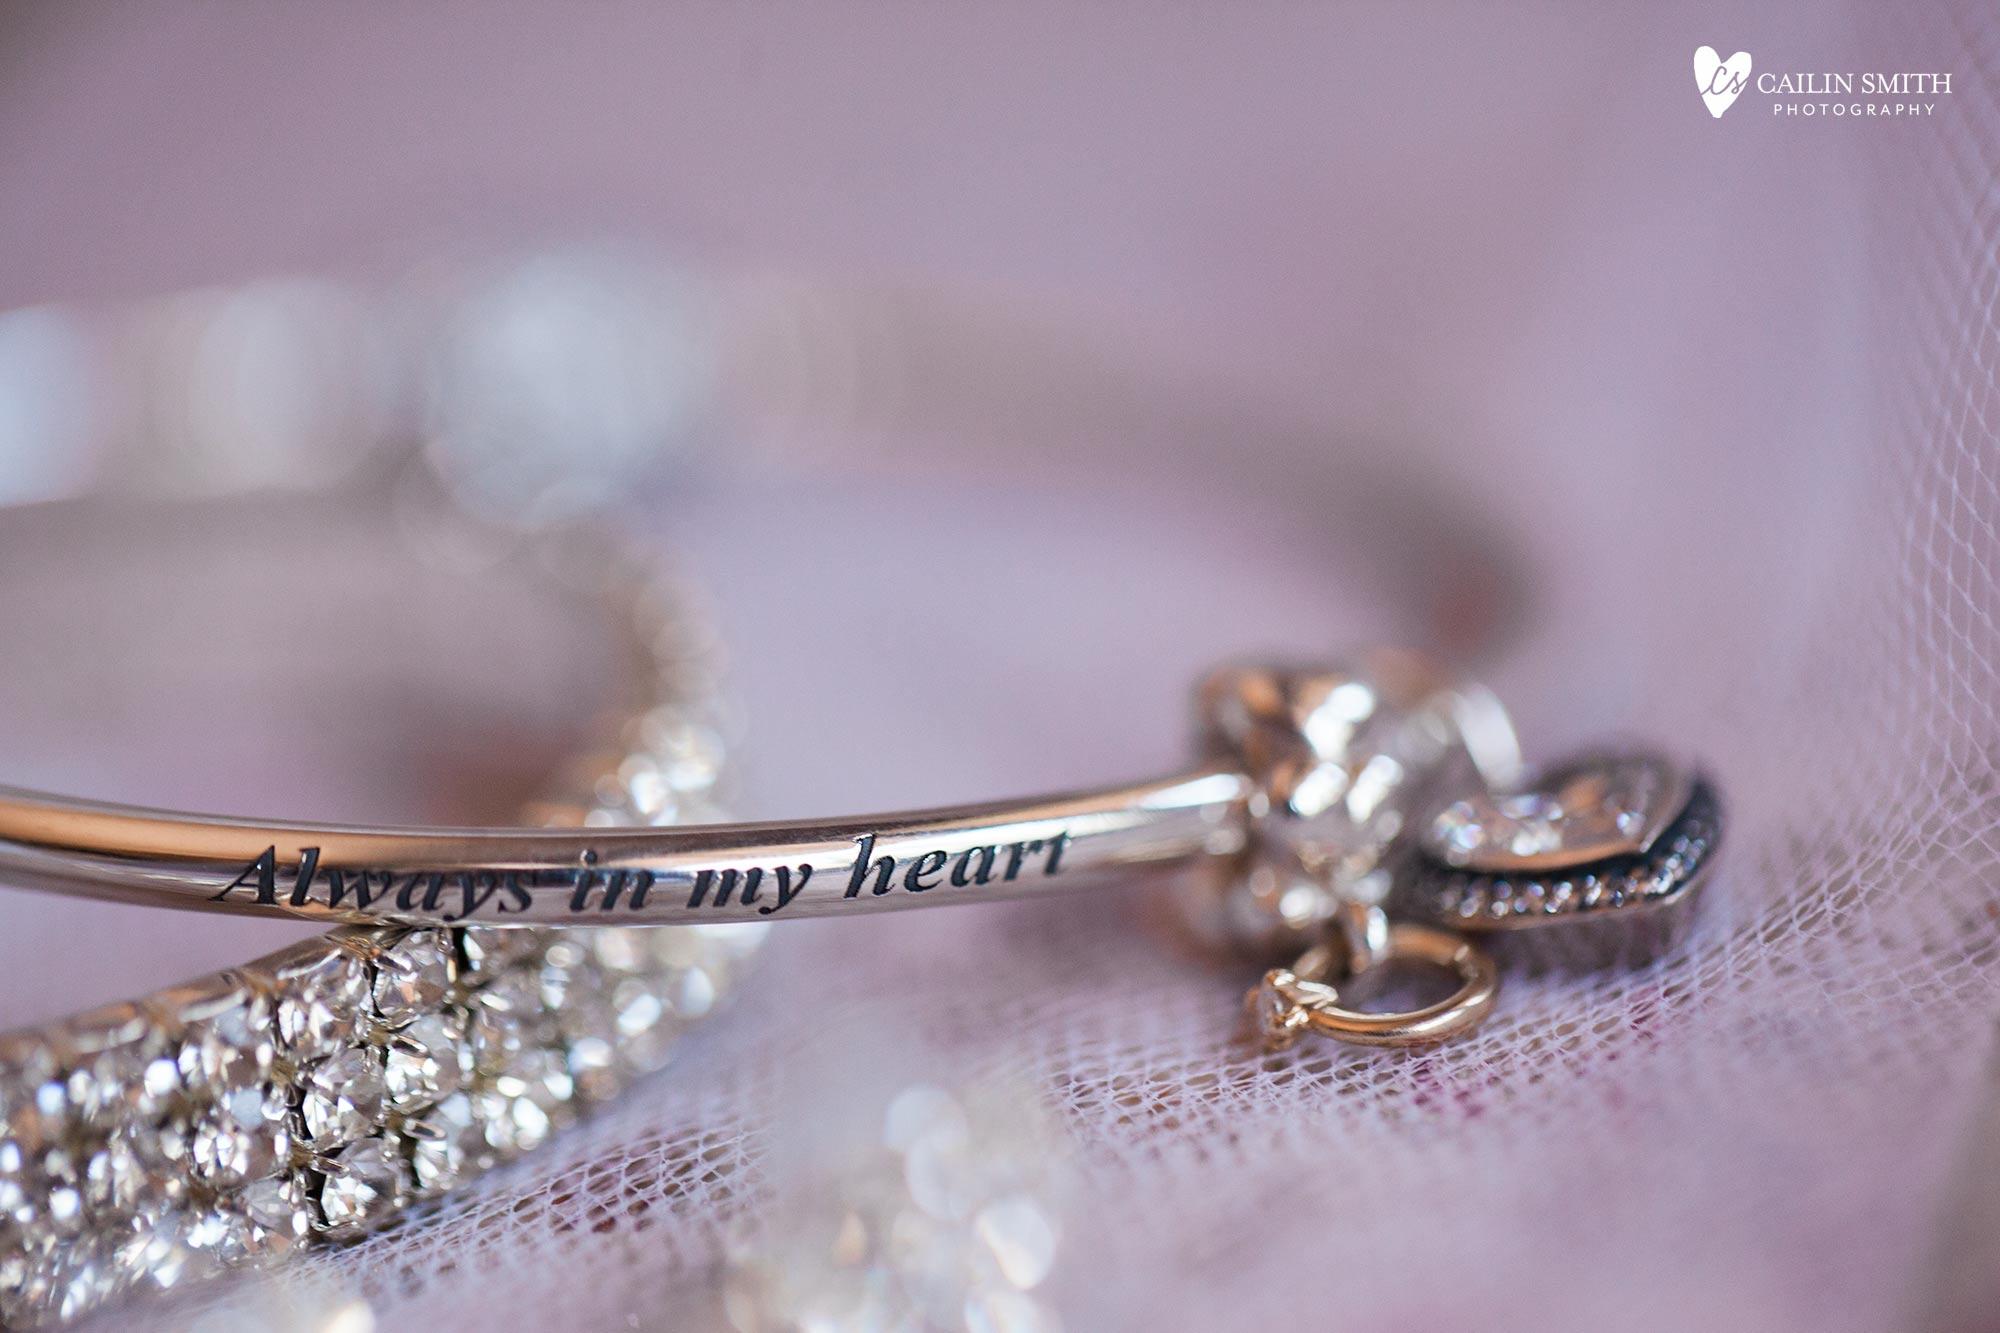 Mary_Parker_Club_Continental_Wedding_Blog_006.jpg